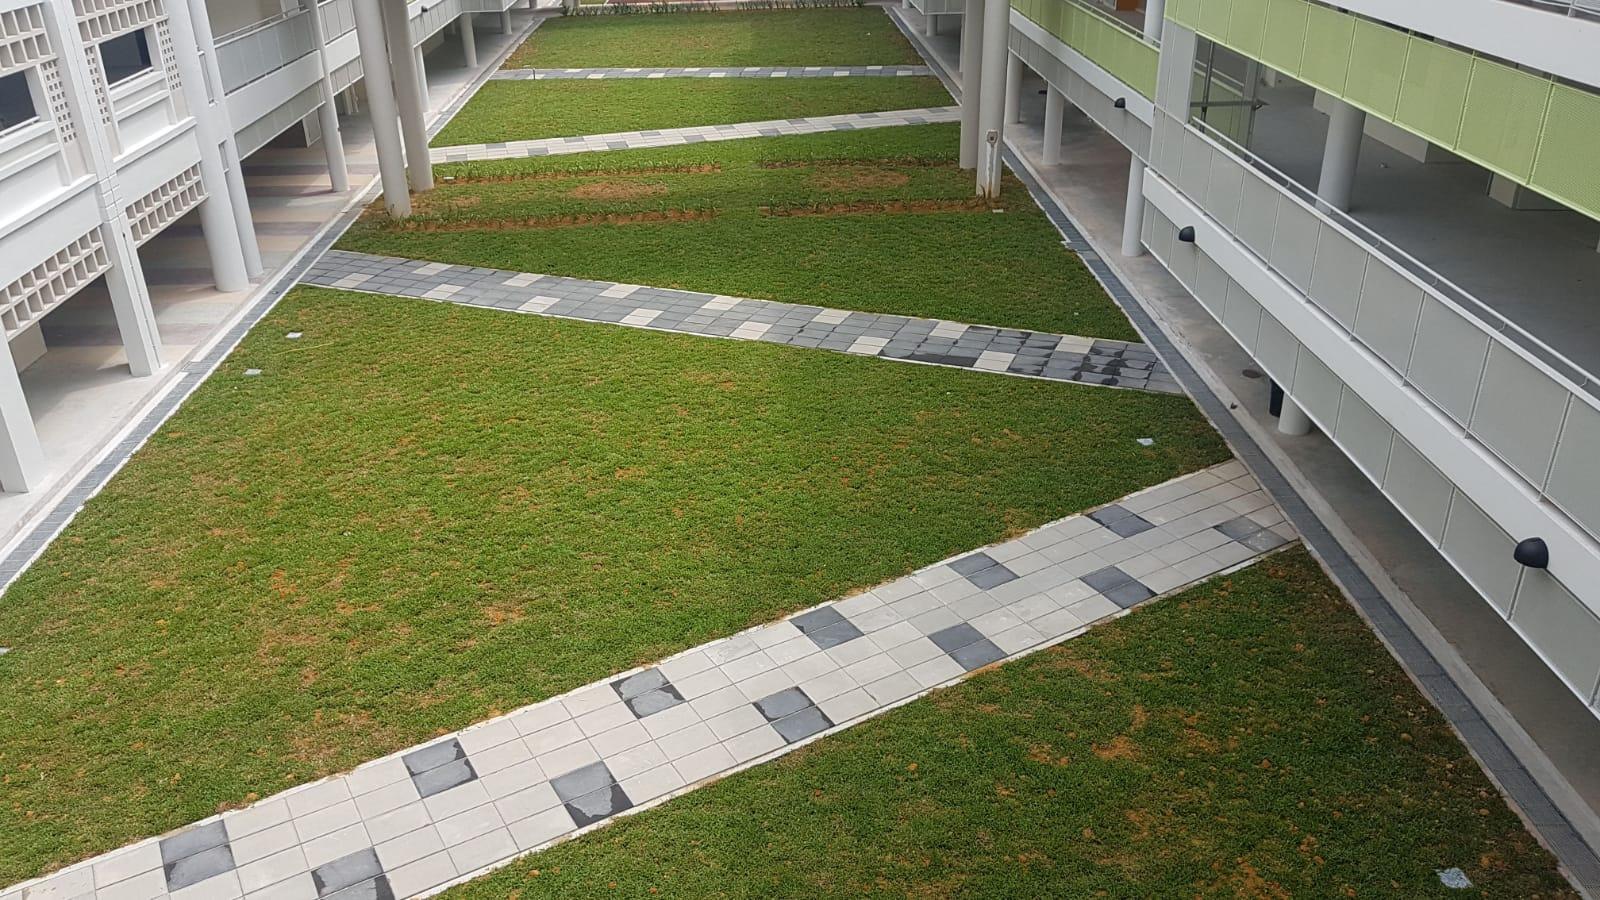 Aerial Shot of Footpath at School